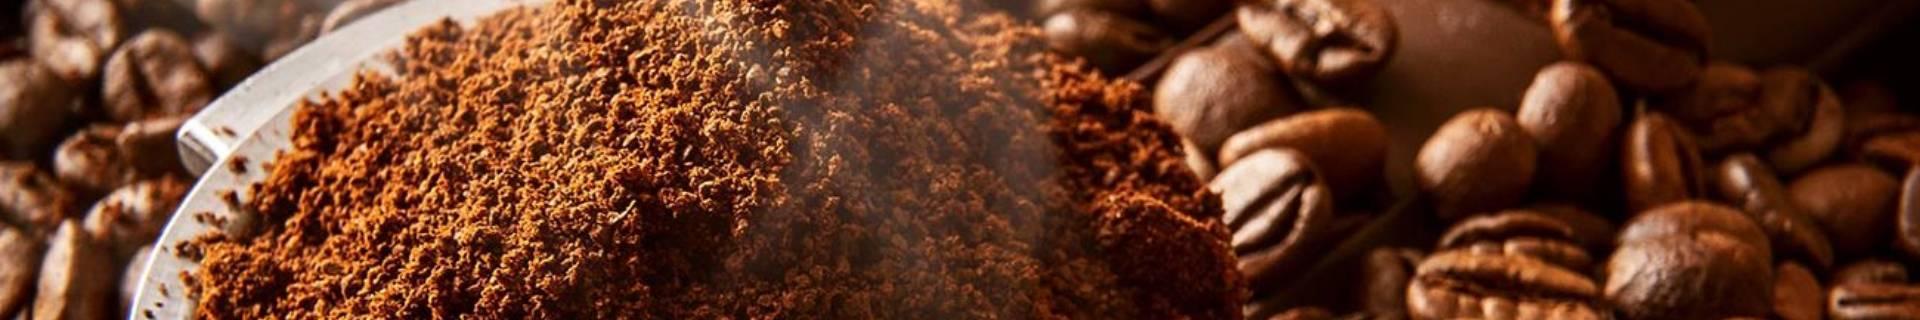 Café décaféiné biologique - ECOLECTIA